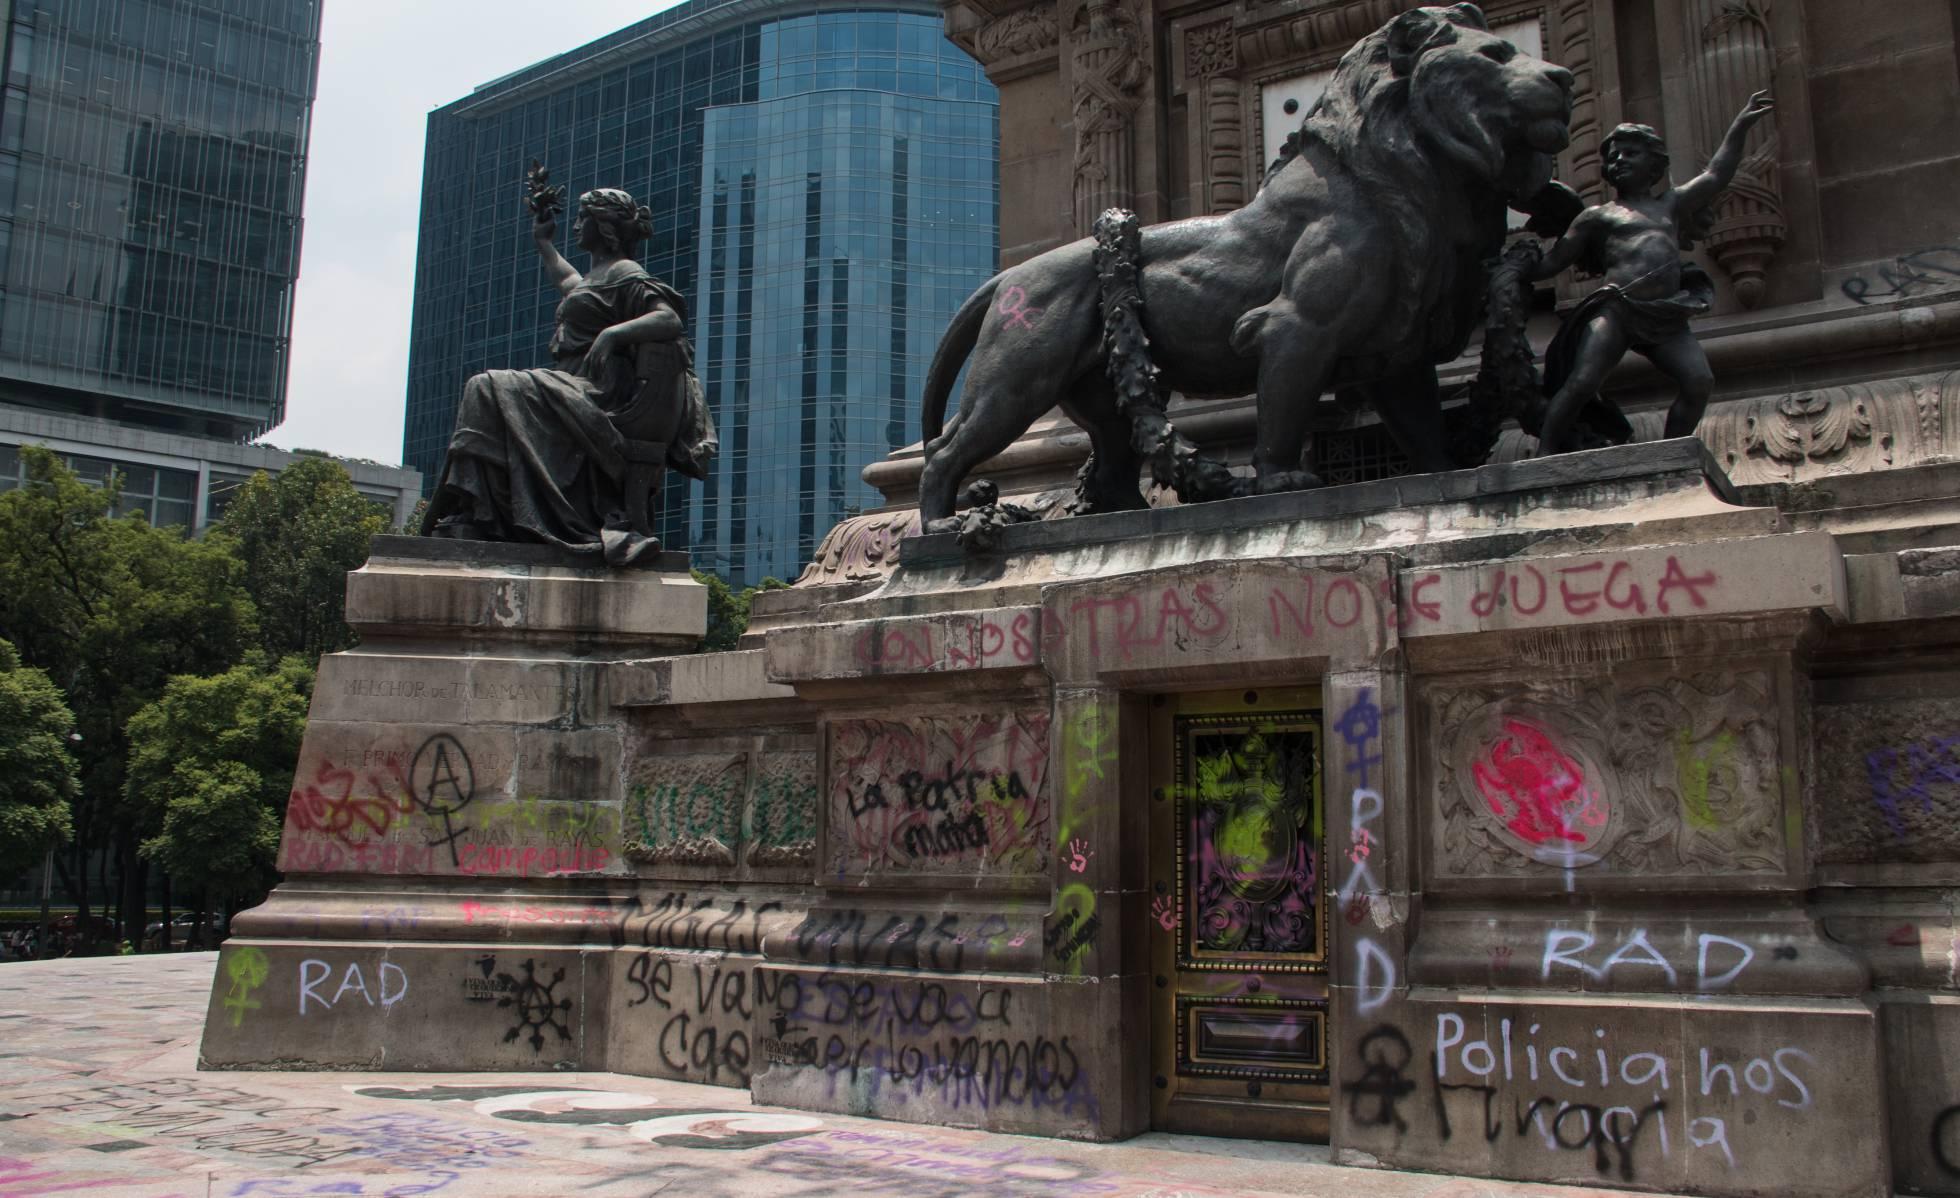 Ciudad de México registra una nueva denuncia contra un policía por violación en un edificio público